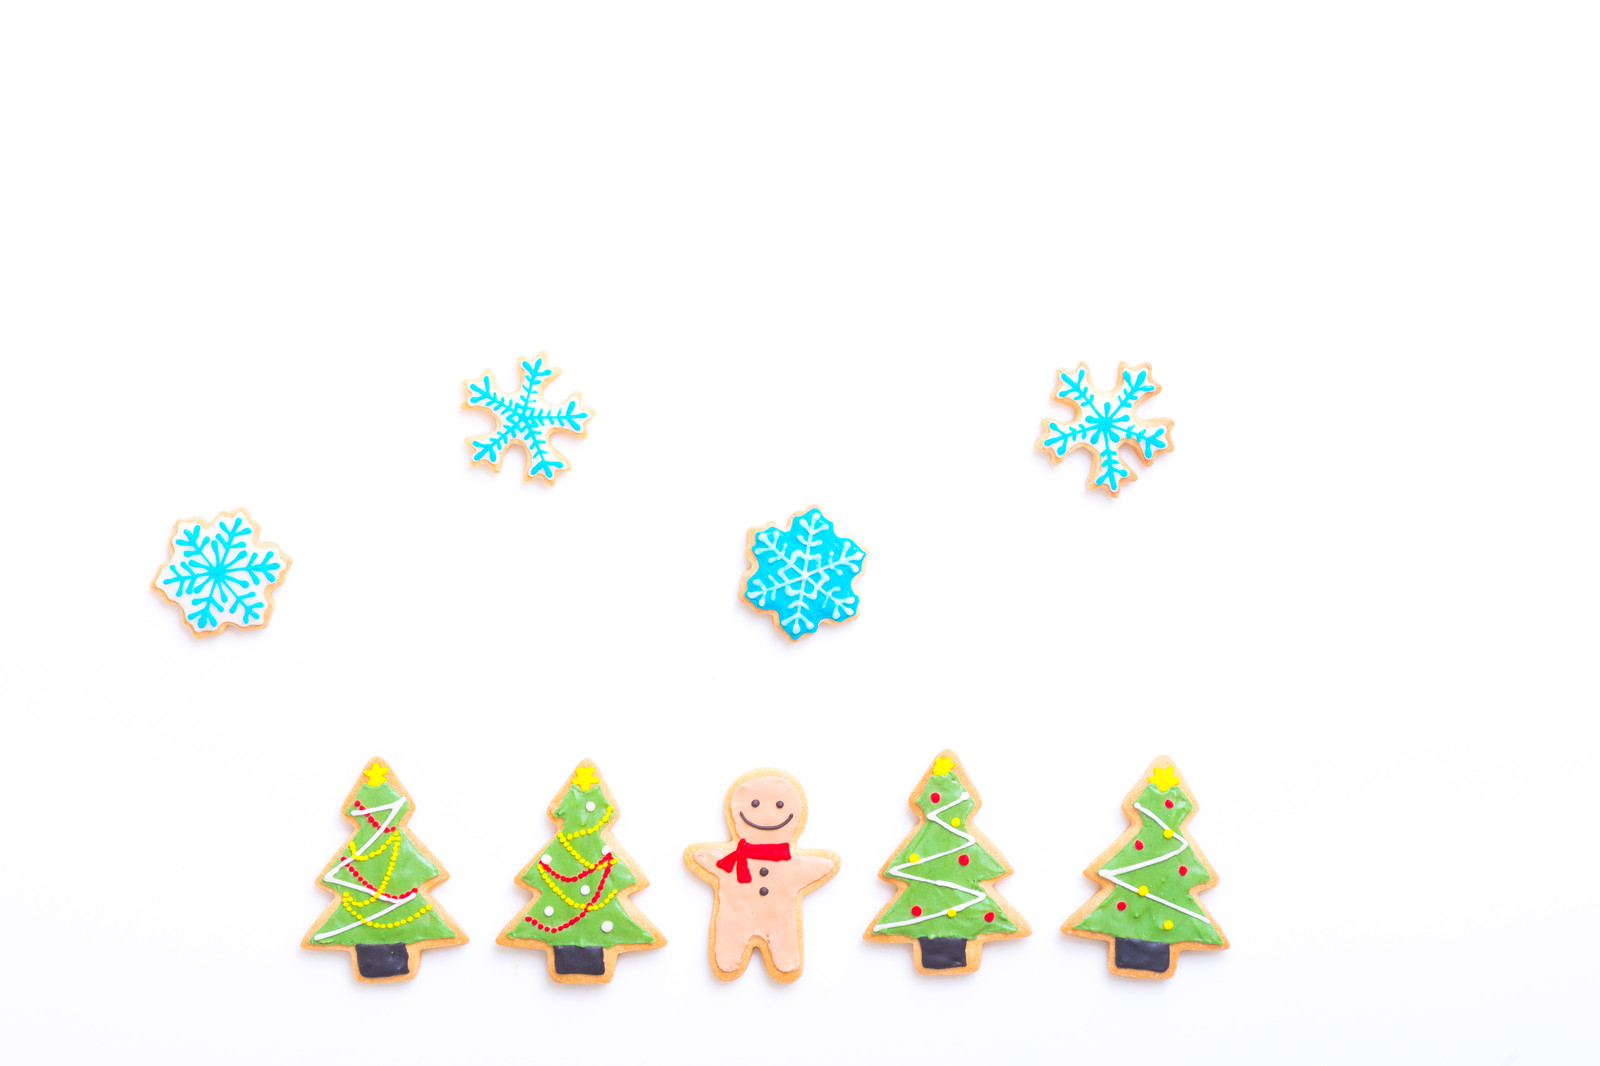 「クリスマスツリーに囲まれて(アイシングクッキー)クリスマスツリーに囲まれて(アイシングクッキー)」のフリー写真素材を拡大